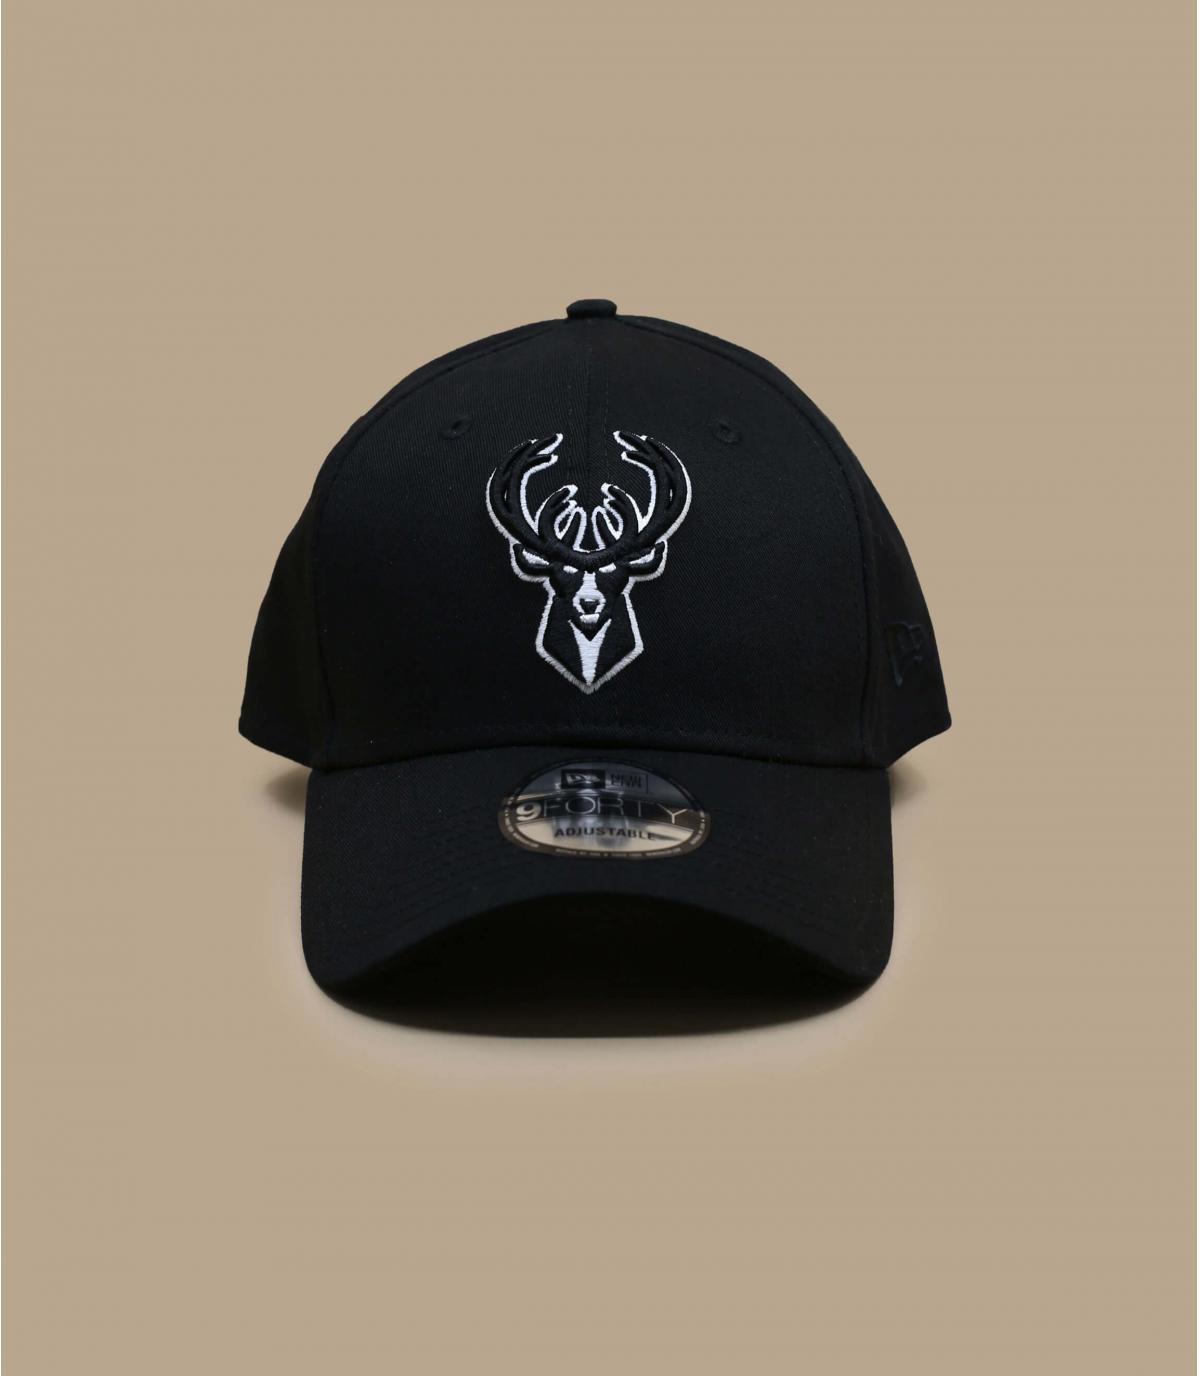 Détails Casquette Black Base Bucks 940 Snapback - image 2